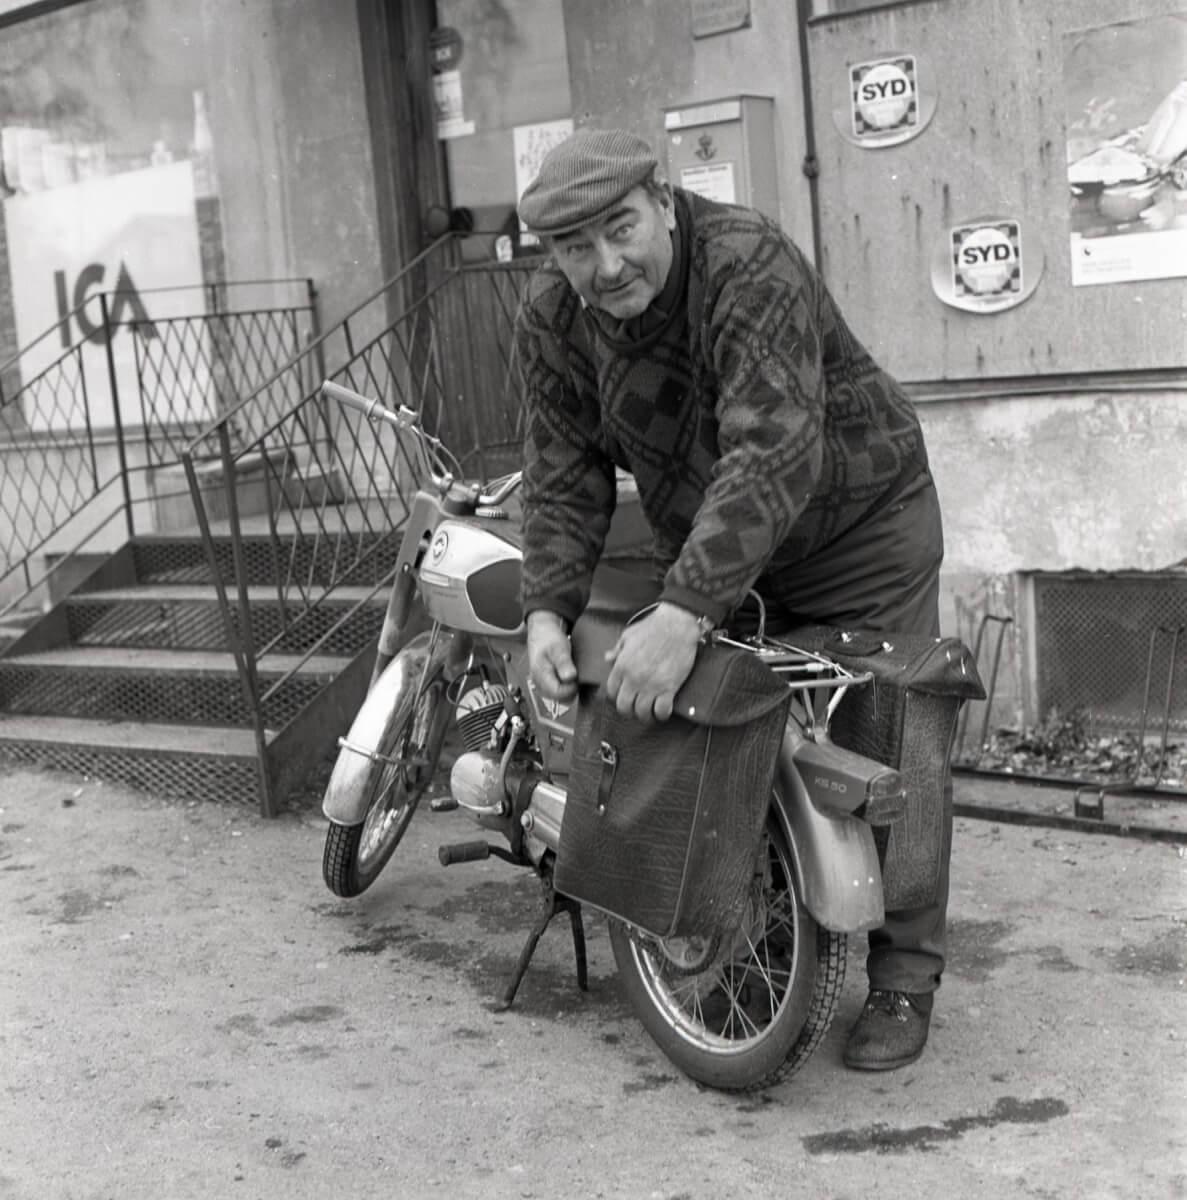 En man packar sina mopedväskor framför en ICA-butik. Han är klädd i sticketröja, han bär keps och grova kängor och plirar mot kameran. Butiken har reklam för Syd-apelsin på skyltfönstren. En betongbro leder in i affären, väggarna är släta och rappade.